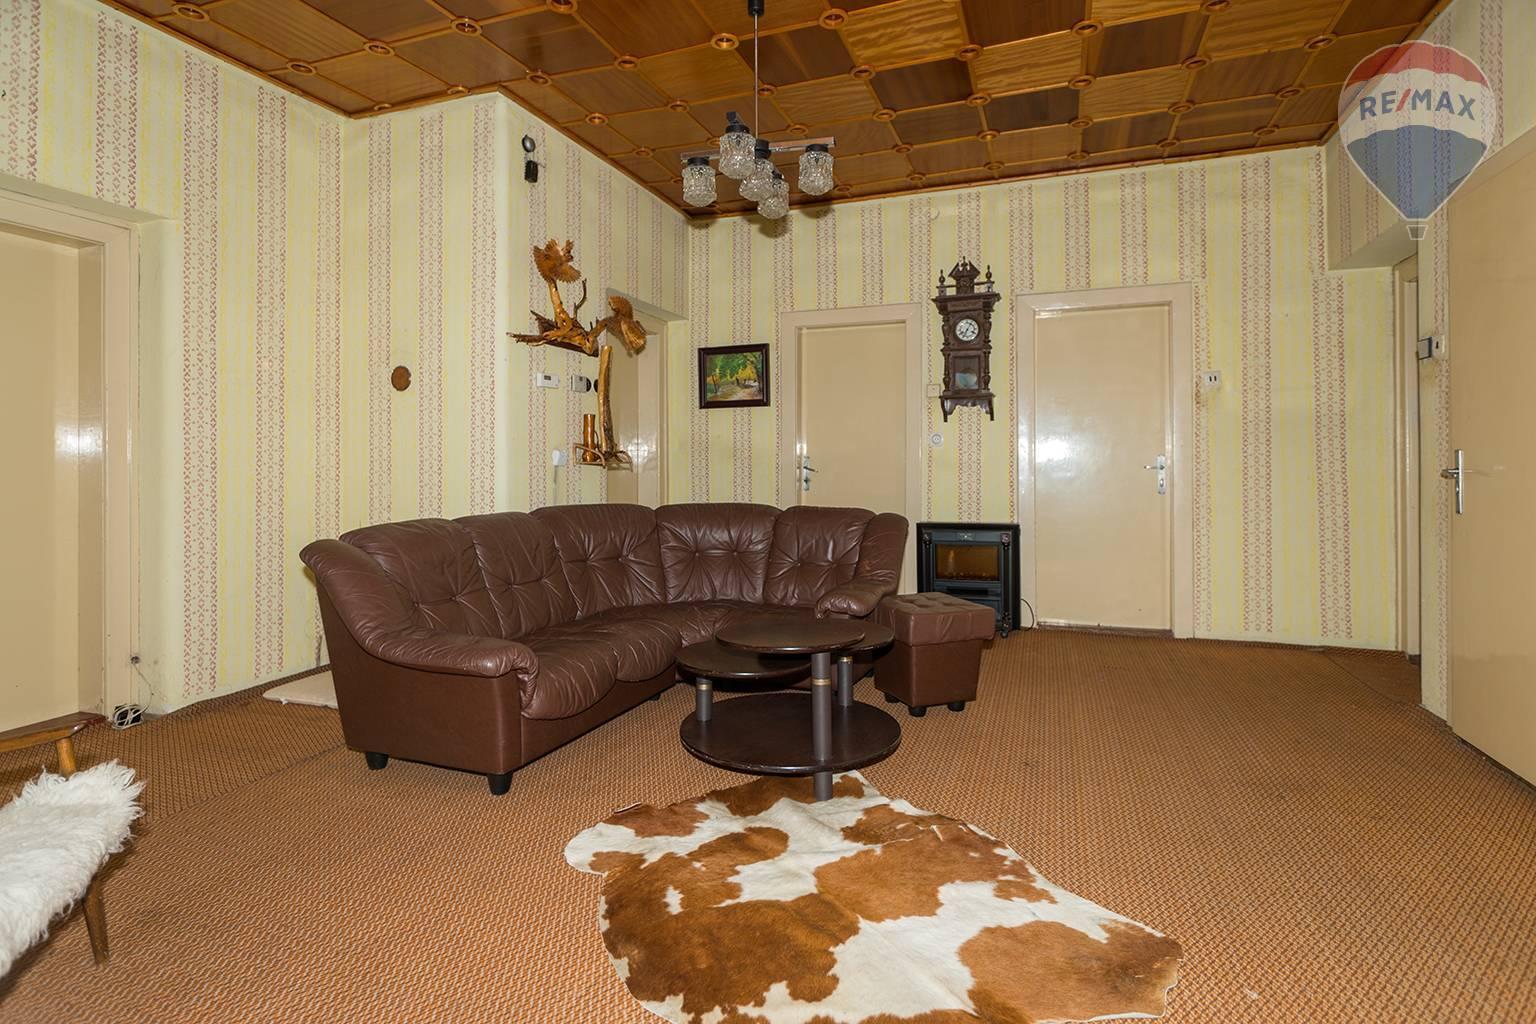 Predaj domu 410 m2, Liptovská Teplá - vstupná hala prízemie